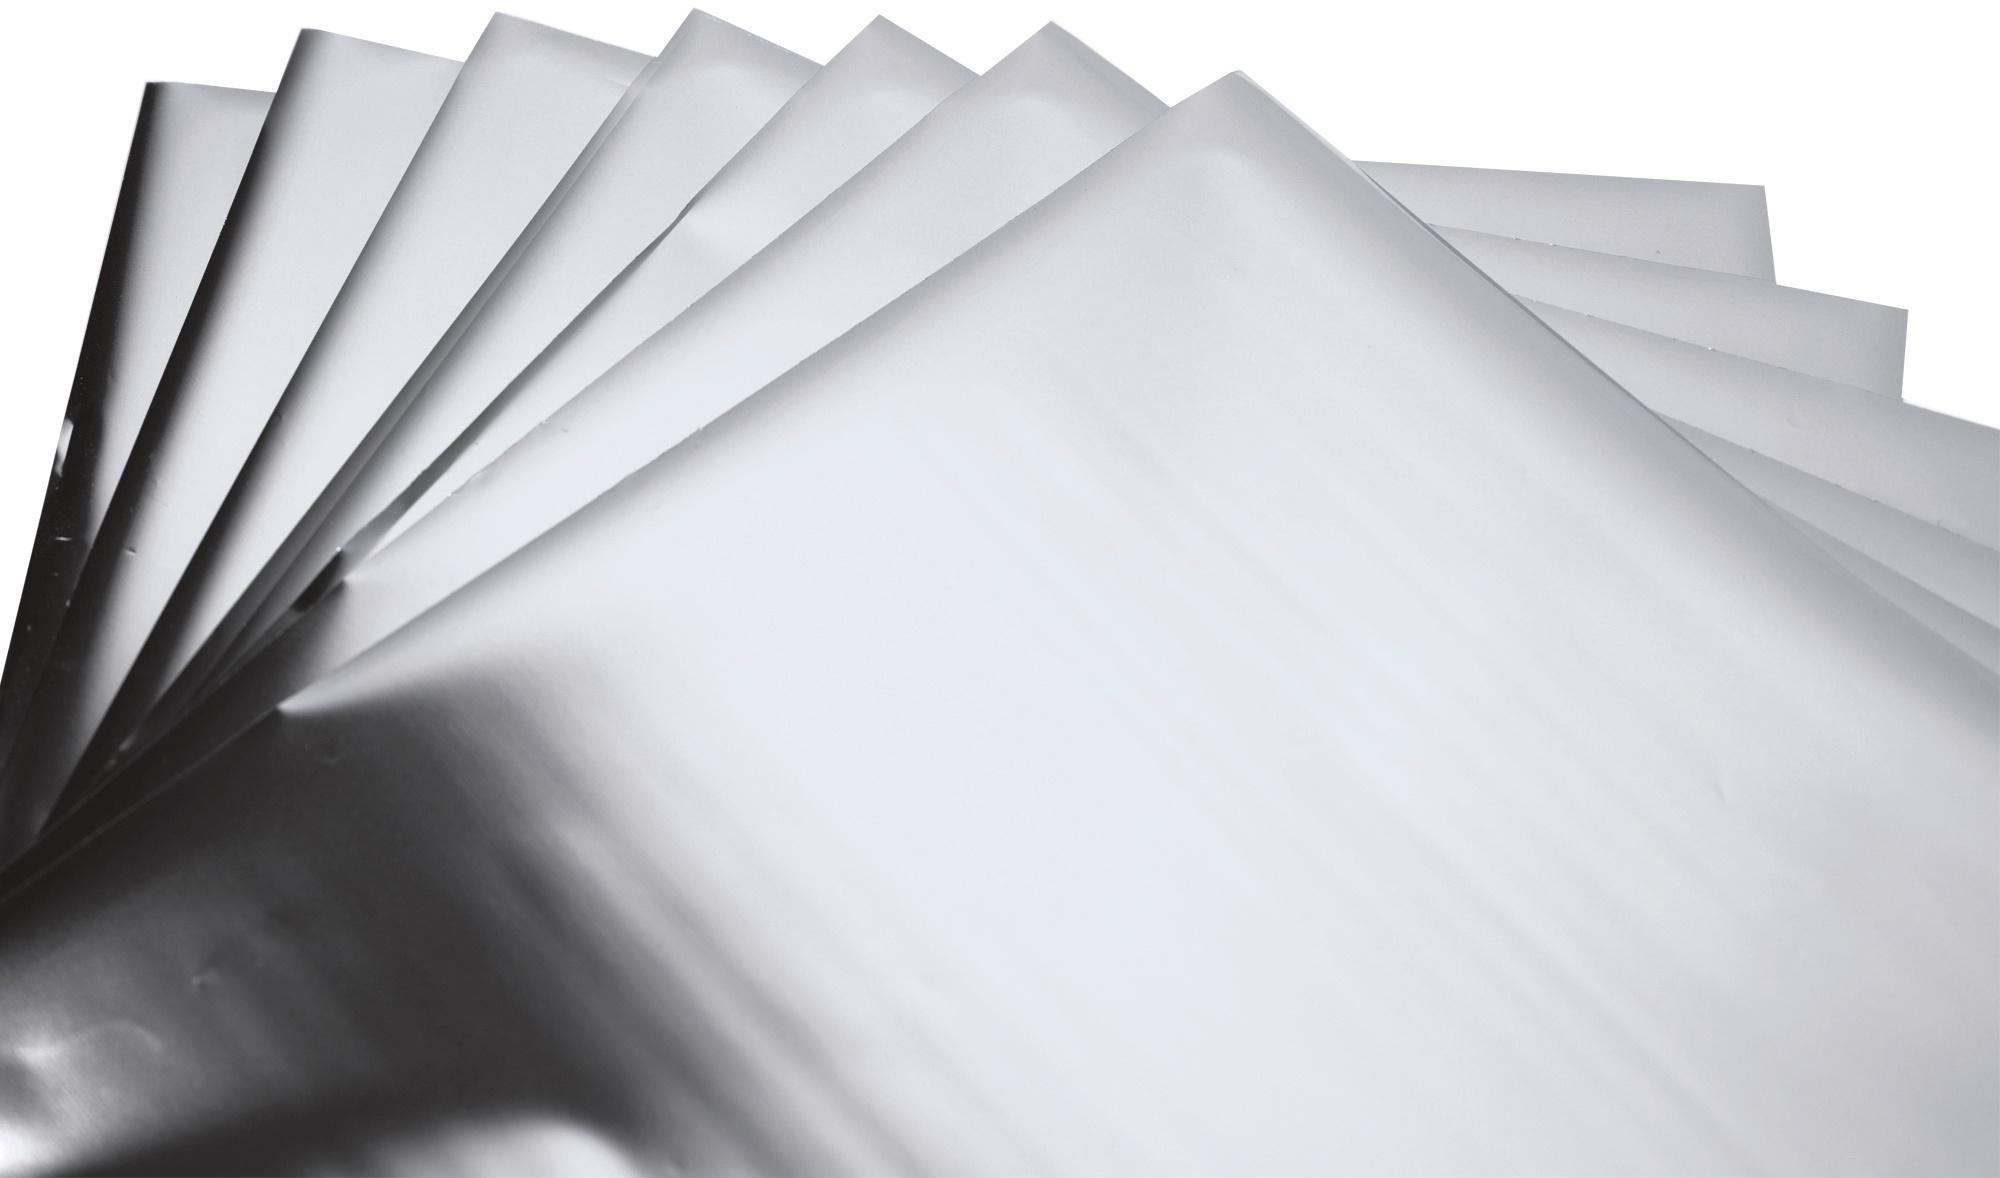 Sizzix Effectz Decorative Foil Sheets 6X6 10/Pkg-Silver